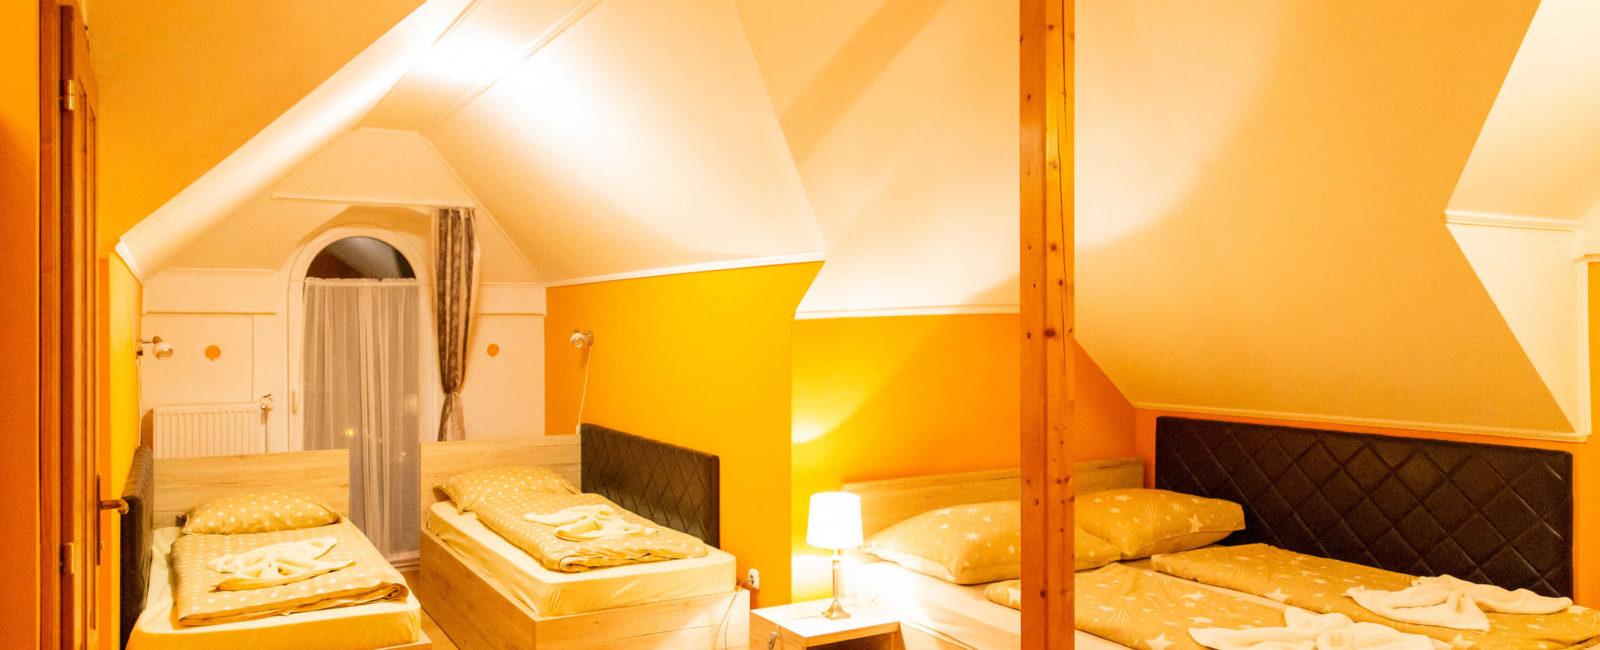 4-ágyas-családi-szoba2_optimized